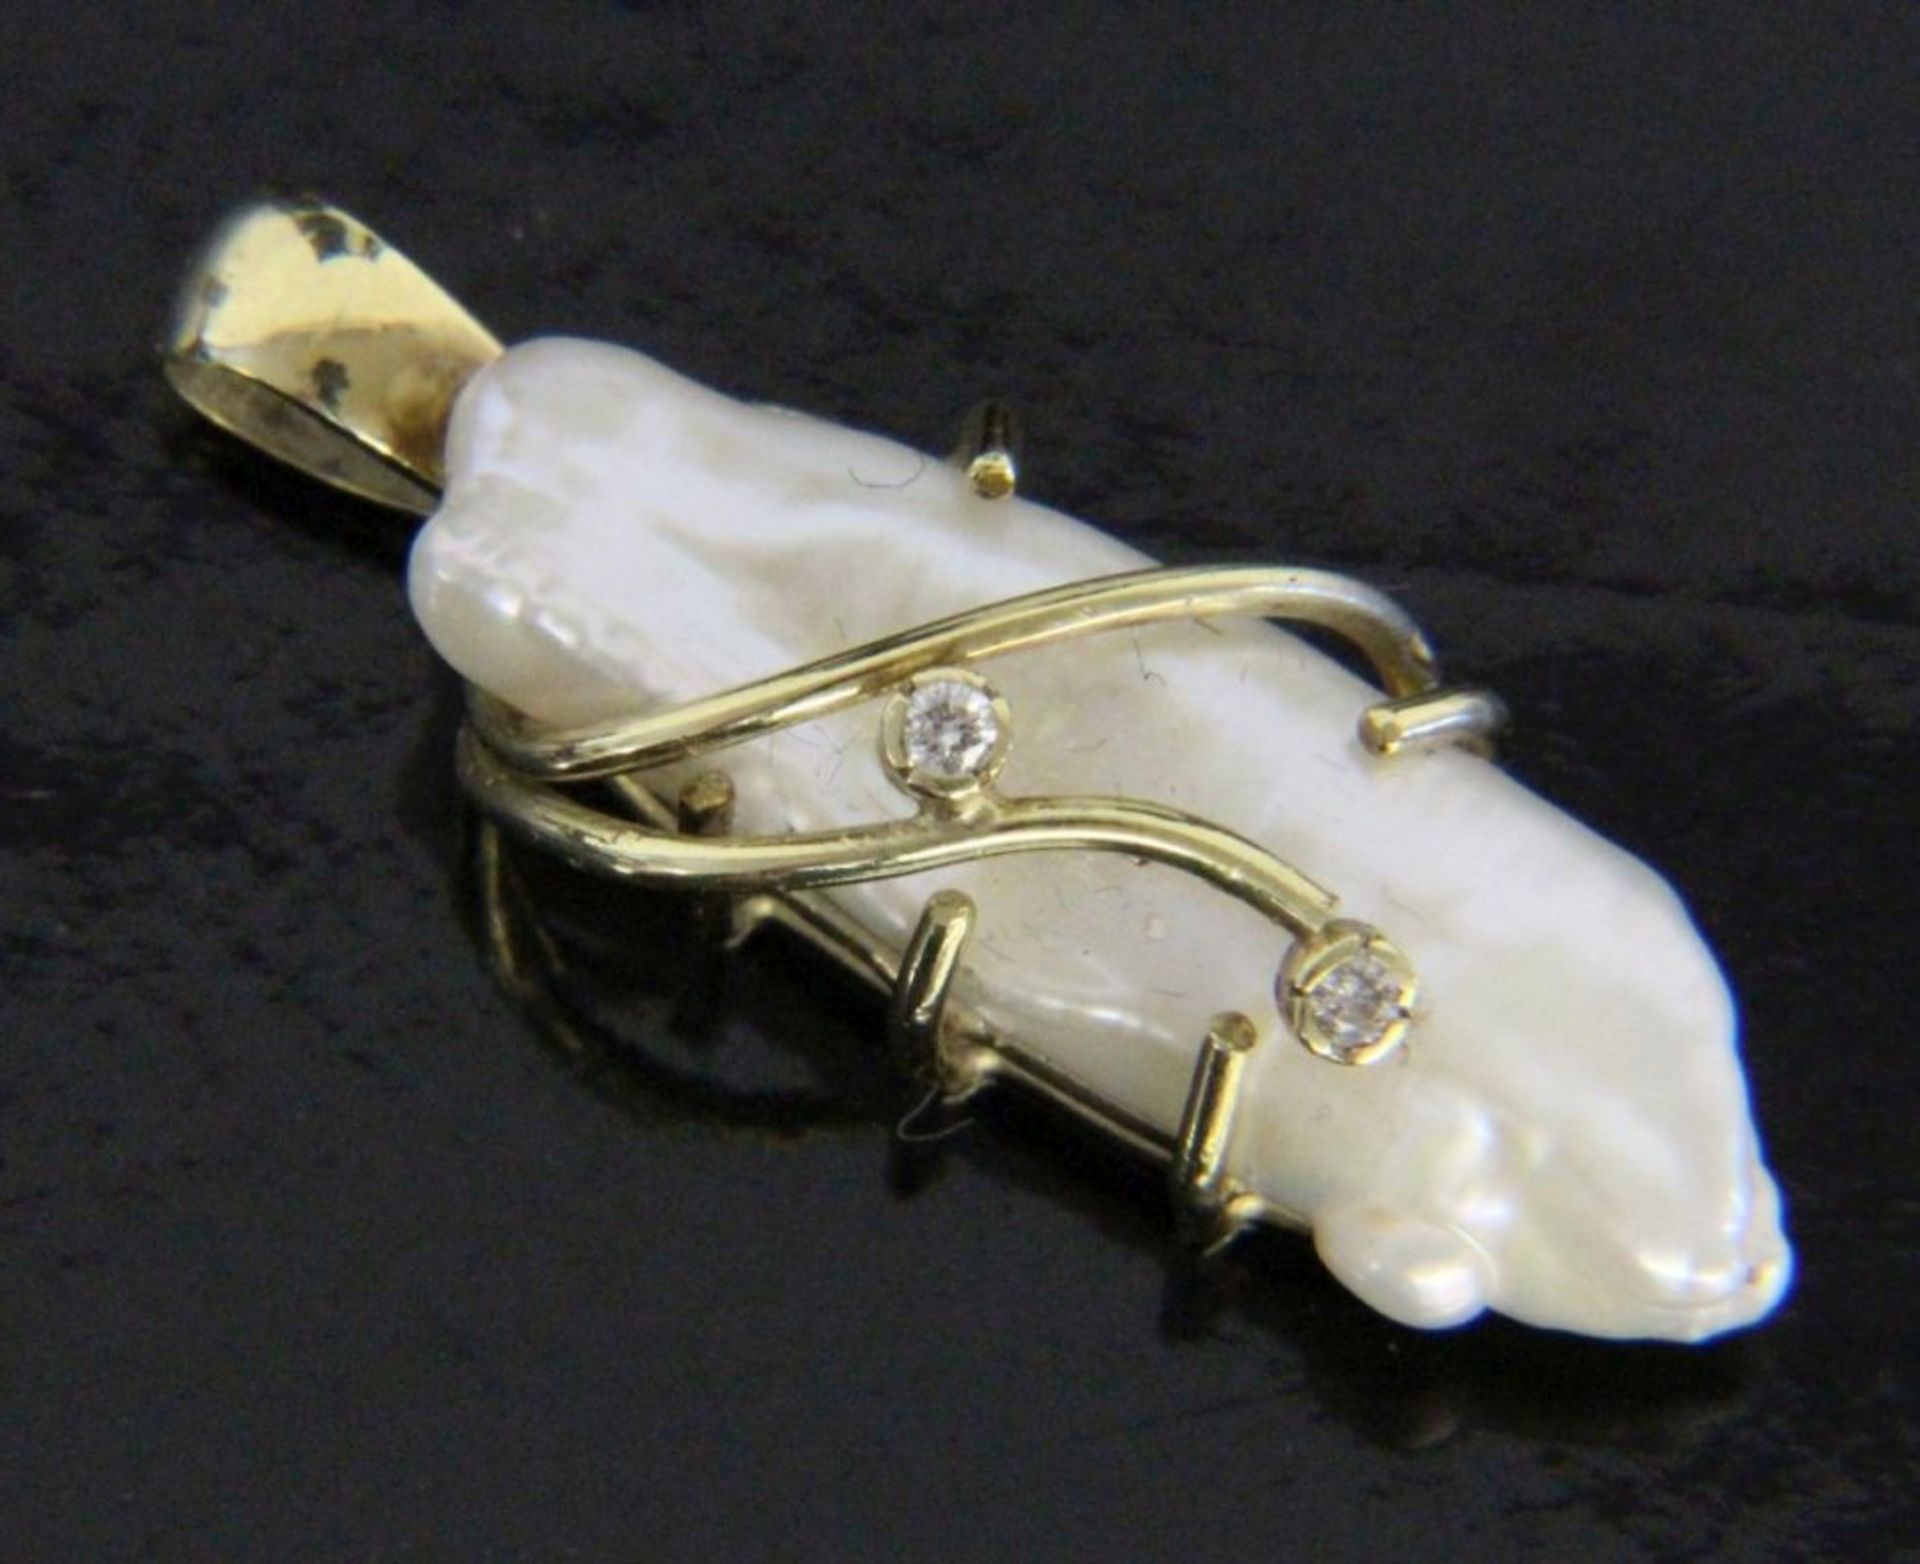 ANHÄNGER MIT BIWAPERLE585/000 Gelbgold mit Biwaperle und 2 Diamanten. L.35mm, Brutto ca. 4,3gA